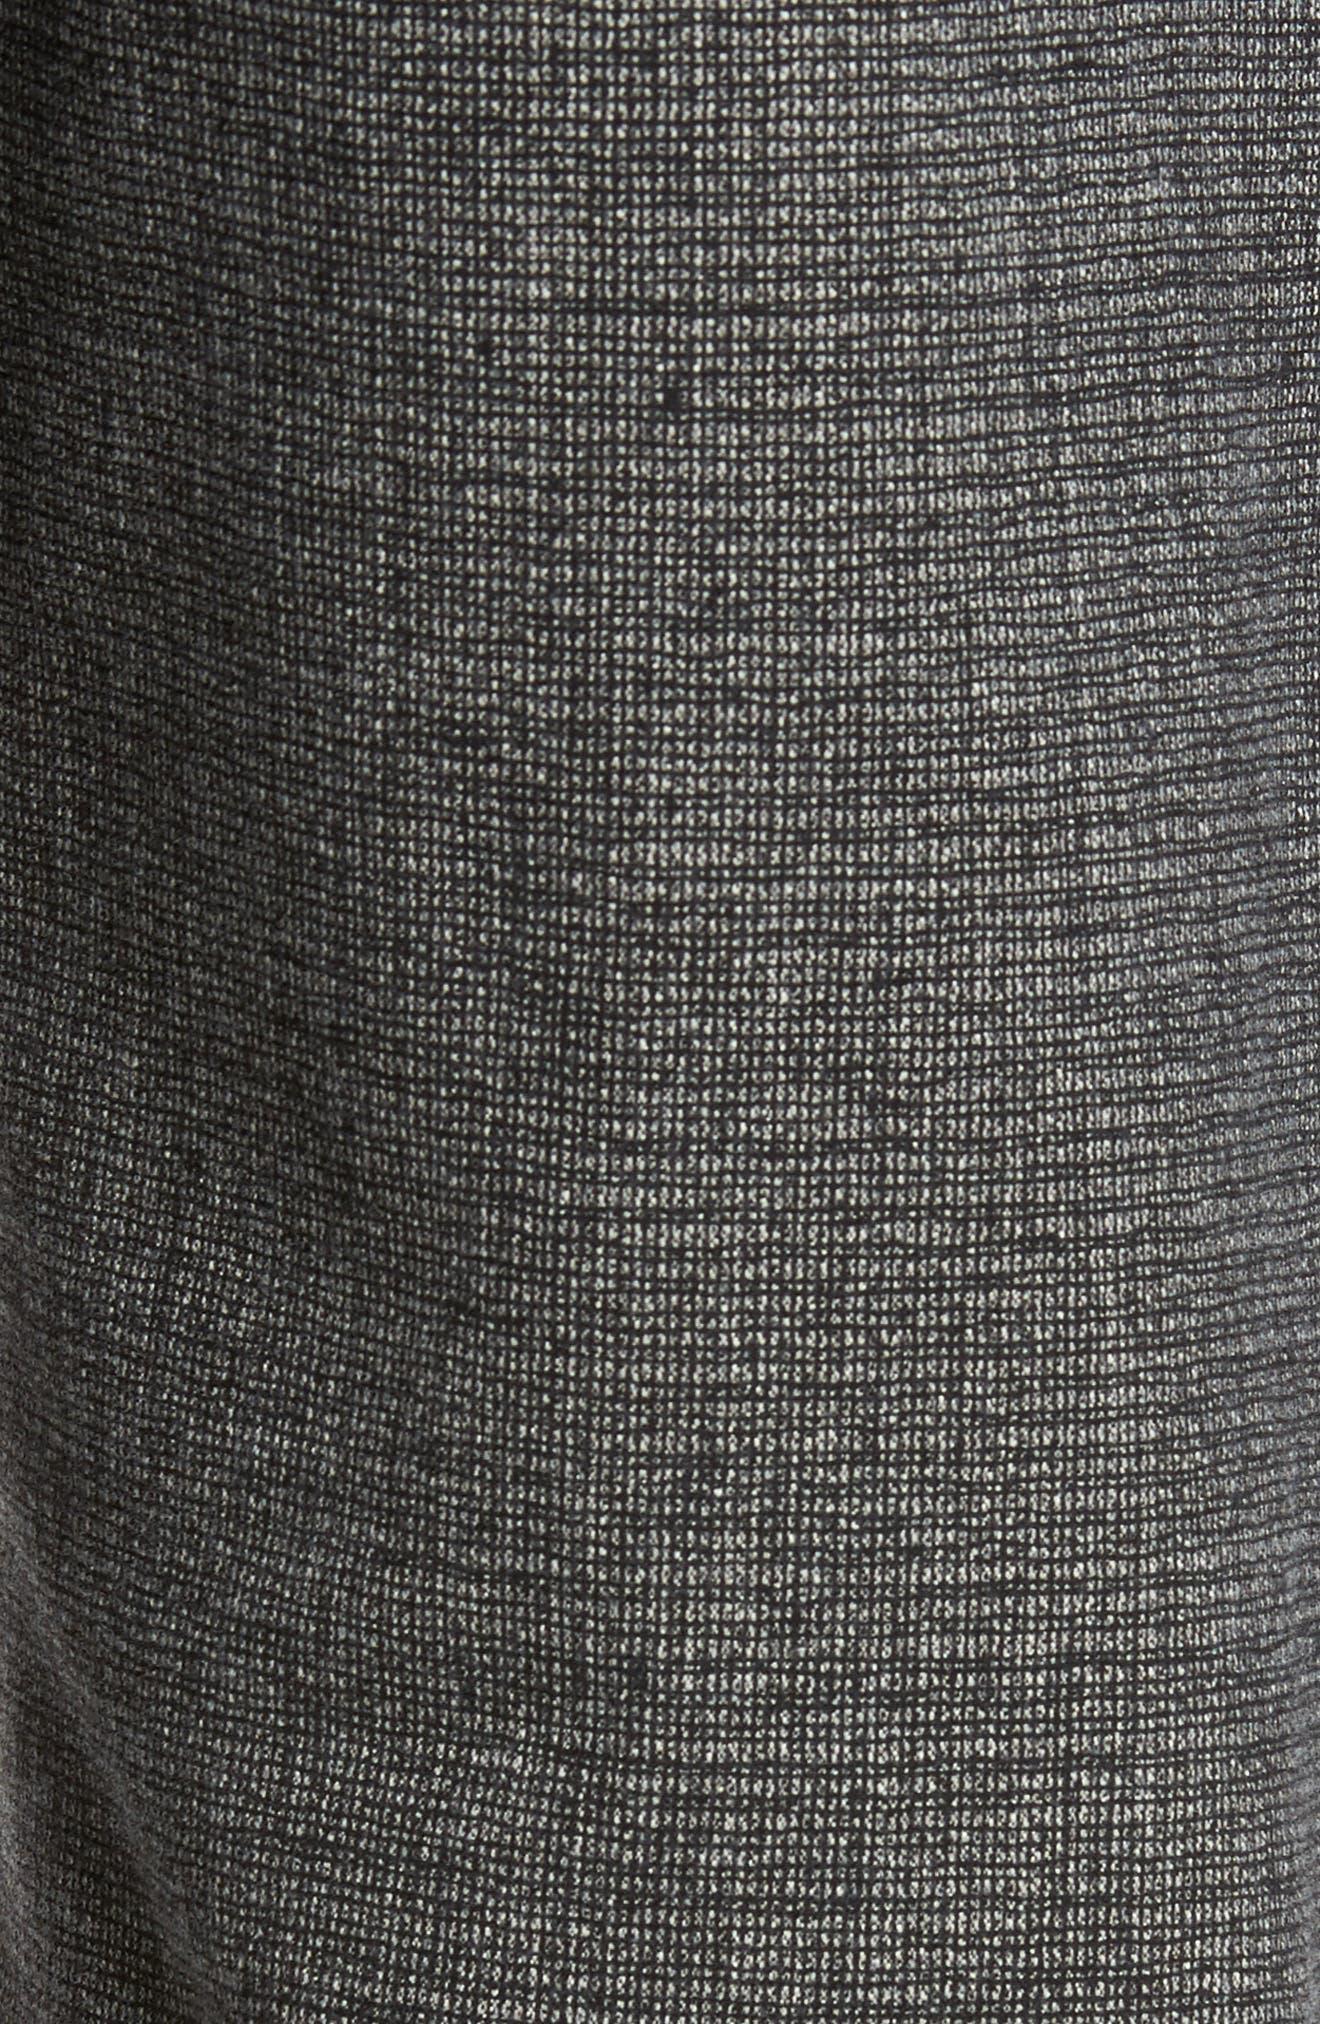 Cotton Blend Five-Pocket Trousers,                             Alternate thumbnail 5, color,                             005